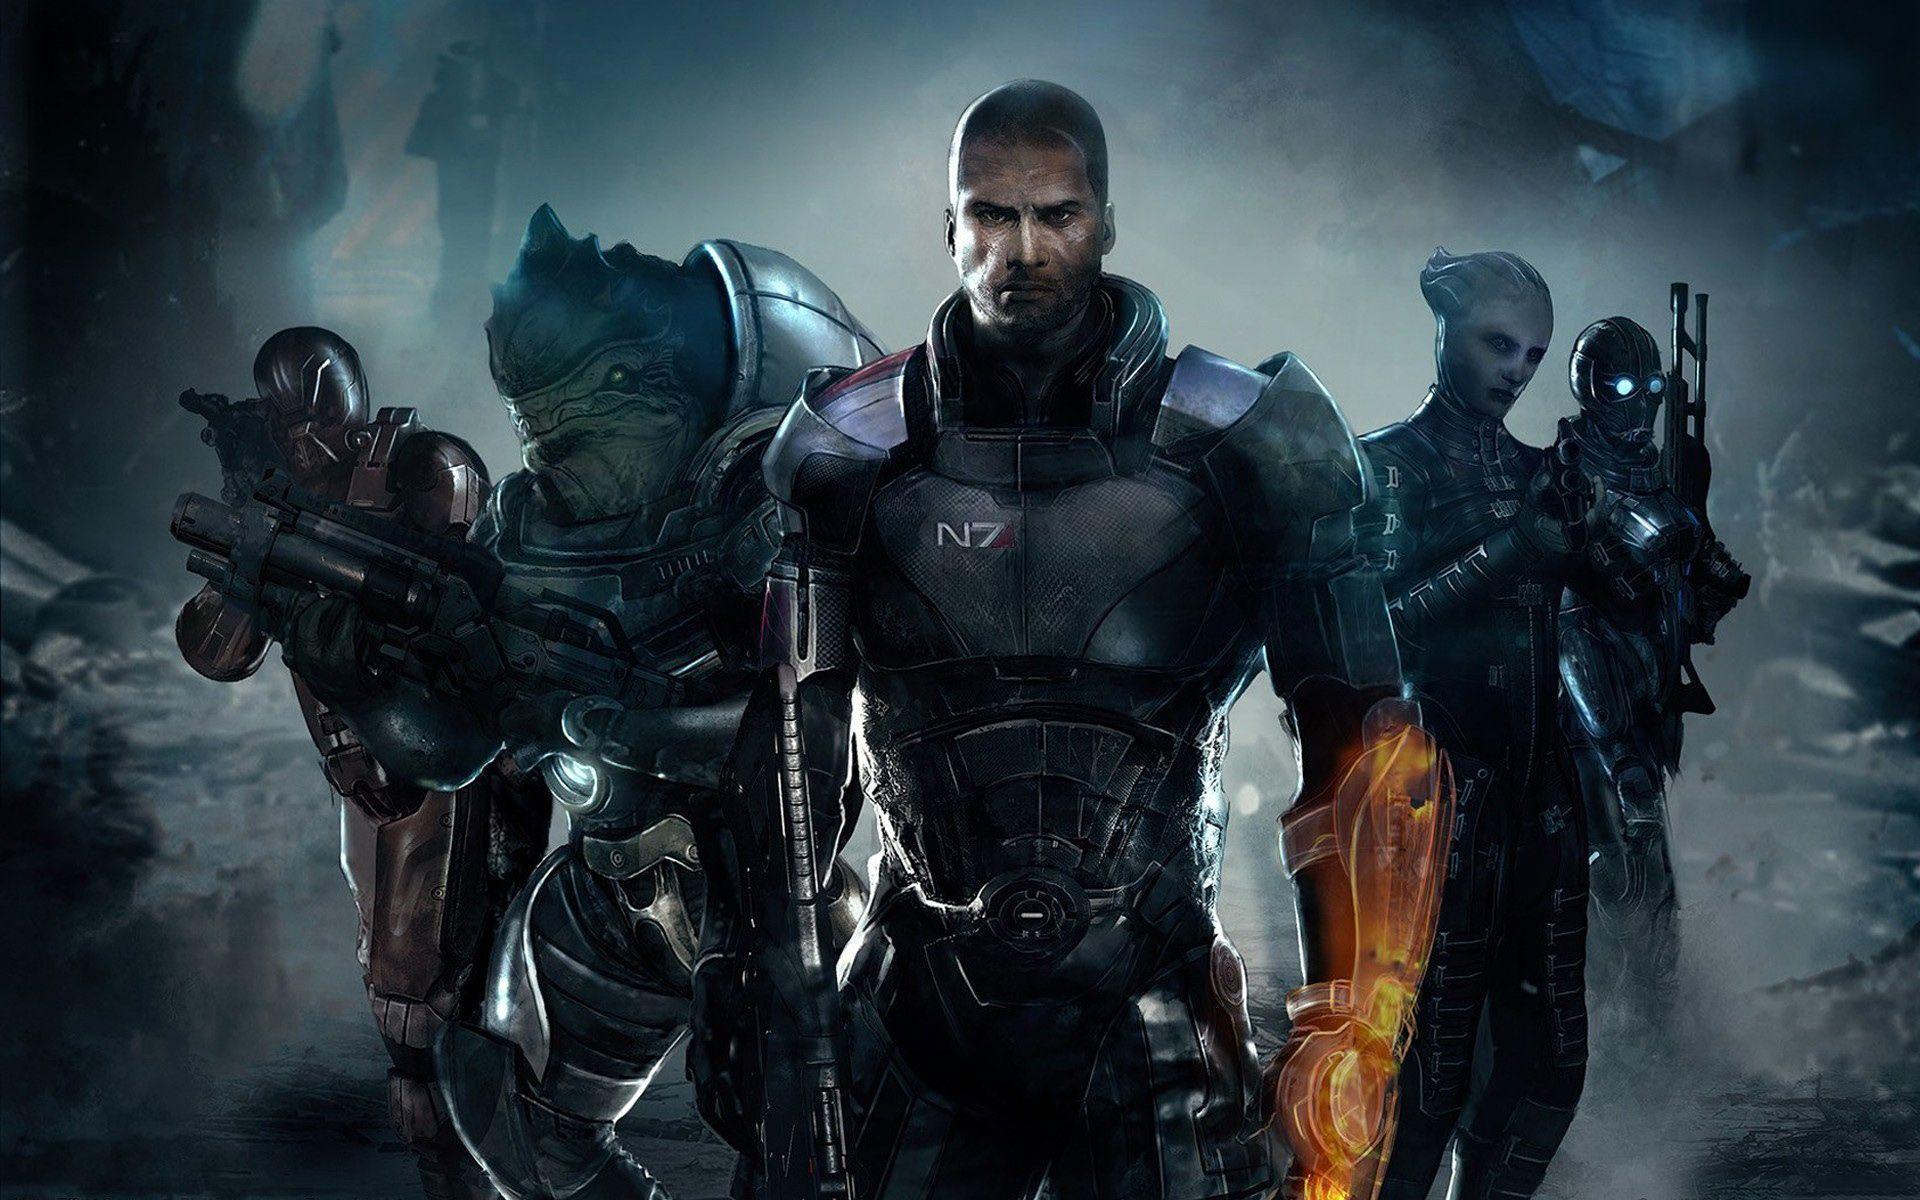 Mass Effect 3 Wallpapers Top Free Mass Effect 3 Backgrounds